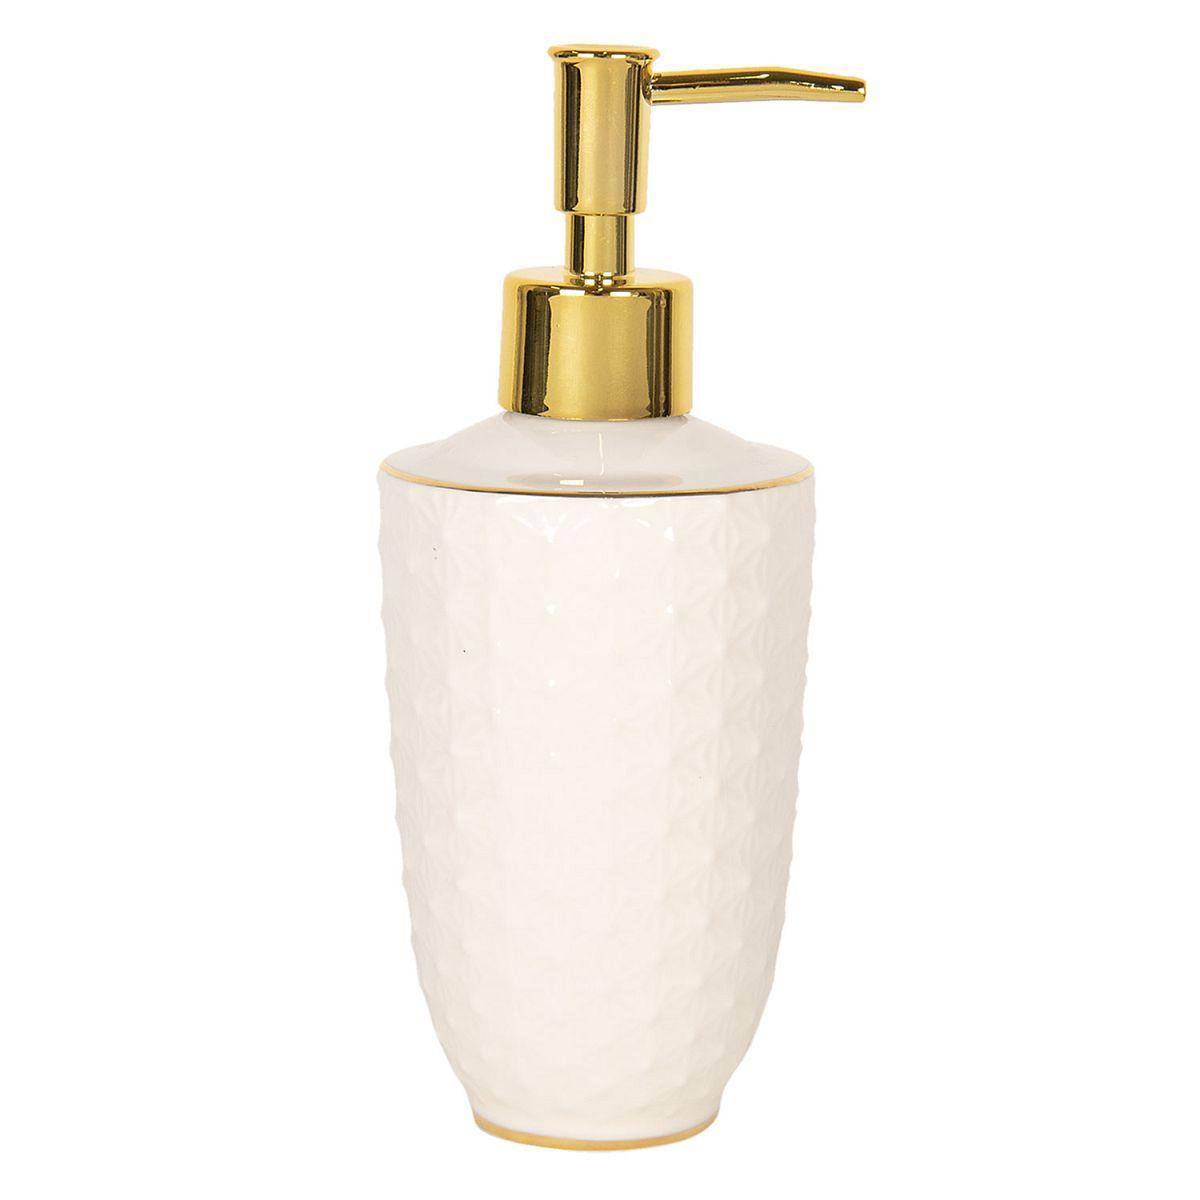 1- Dávkovač na tekuté mýdlo